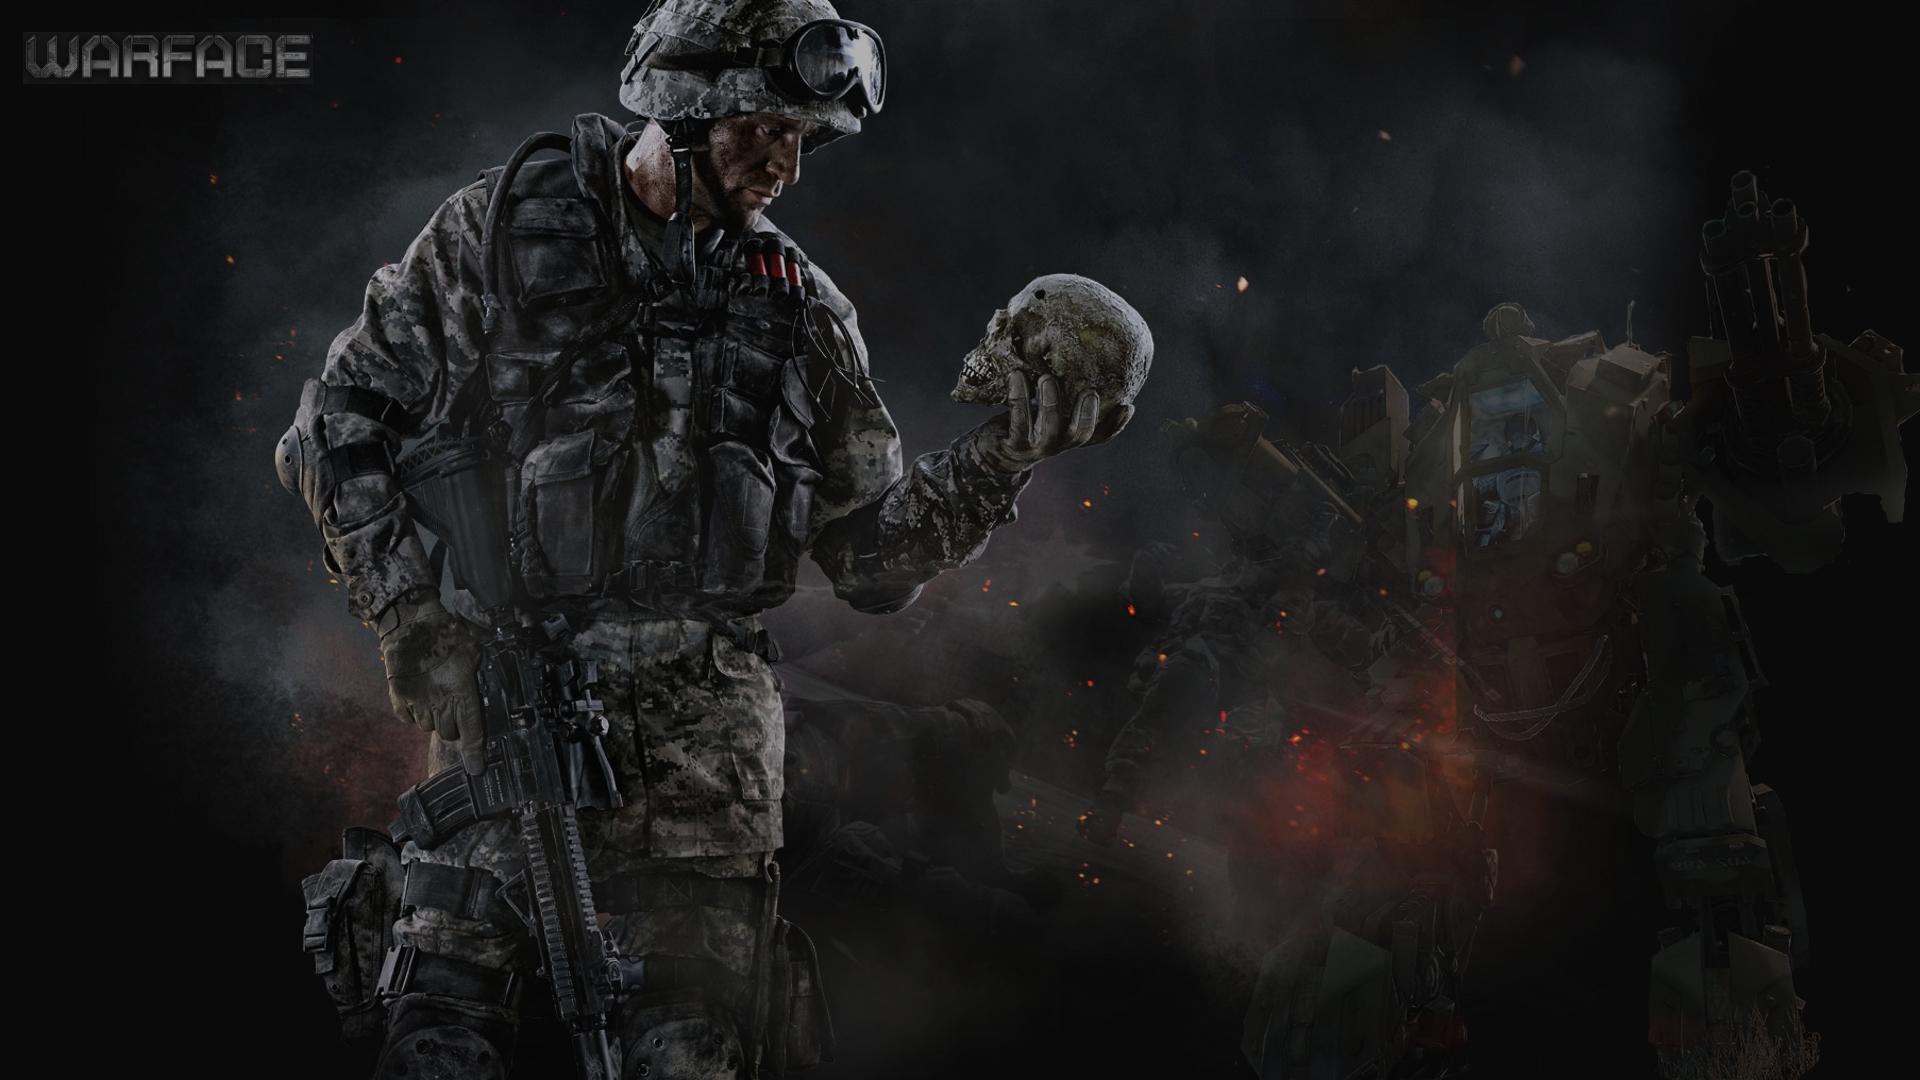 Novo jogo supostamente WarFace!: http://sites.levelupgames.com.br/forum/combatarms/showthread.php?60282-Novo-jogo-supostamente-WarFace!